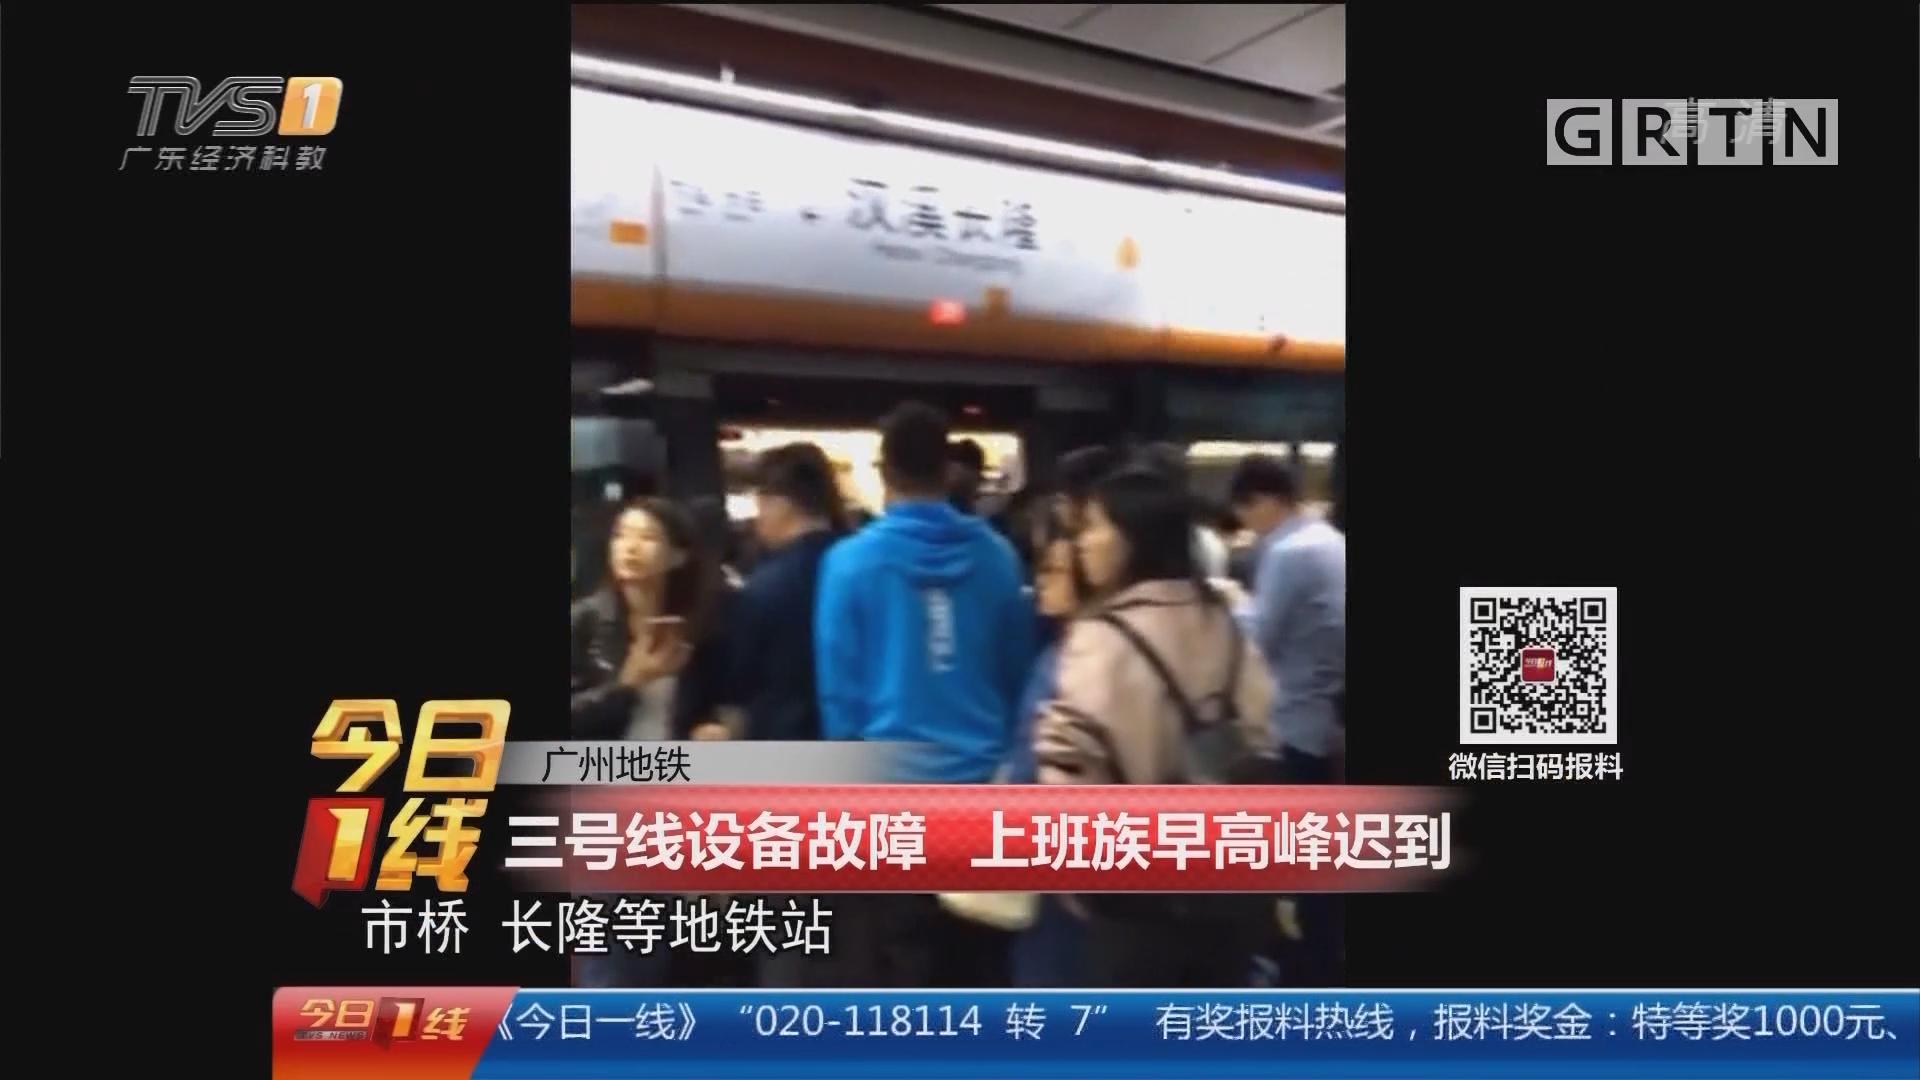 广州地铁:三号线设备故障 上班族早高峰迟到